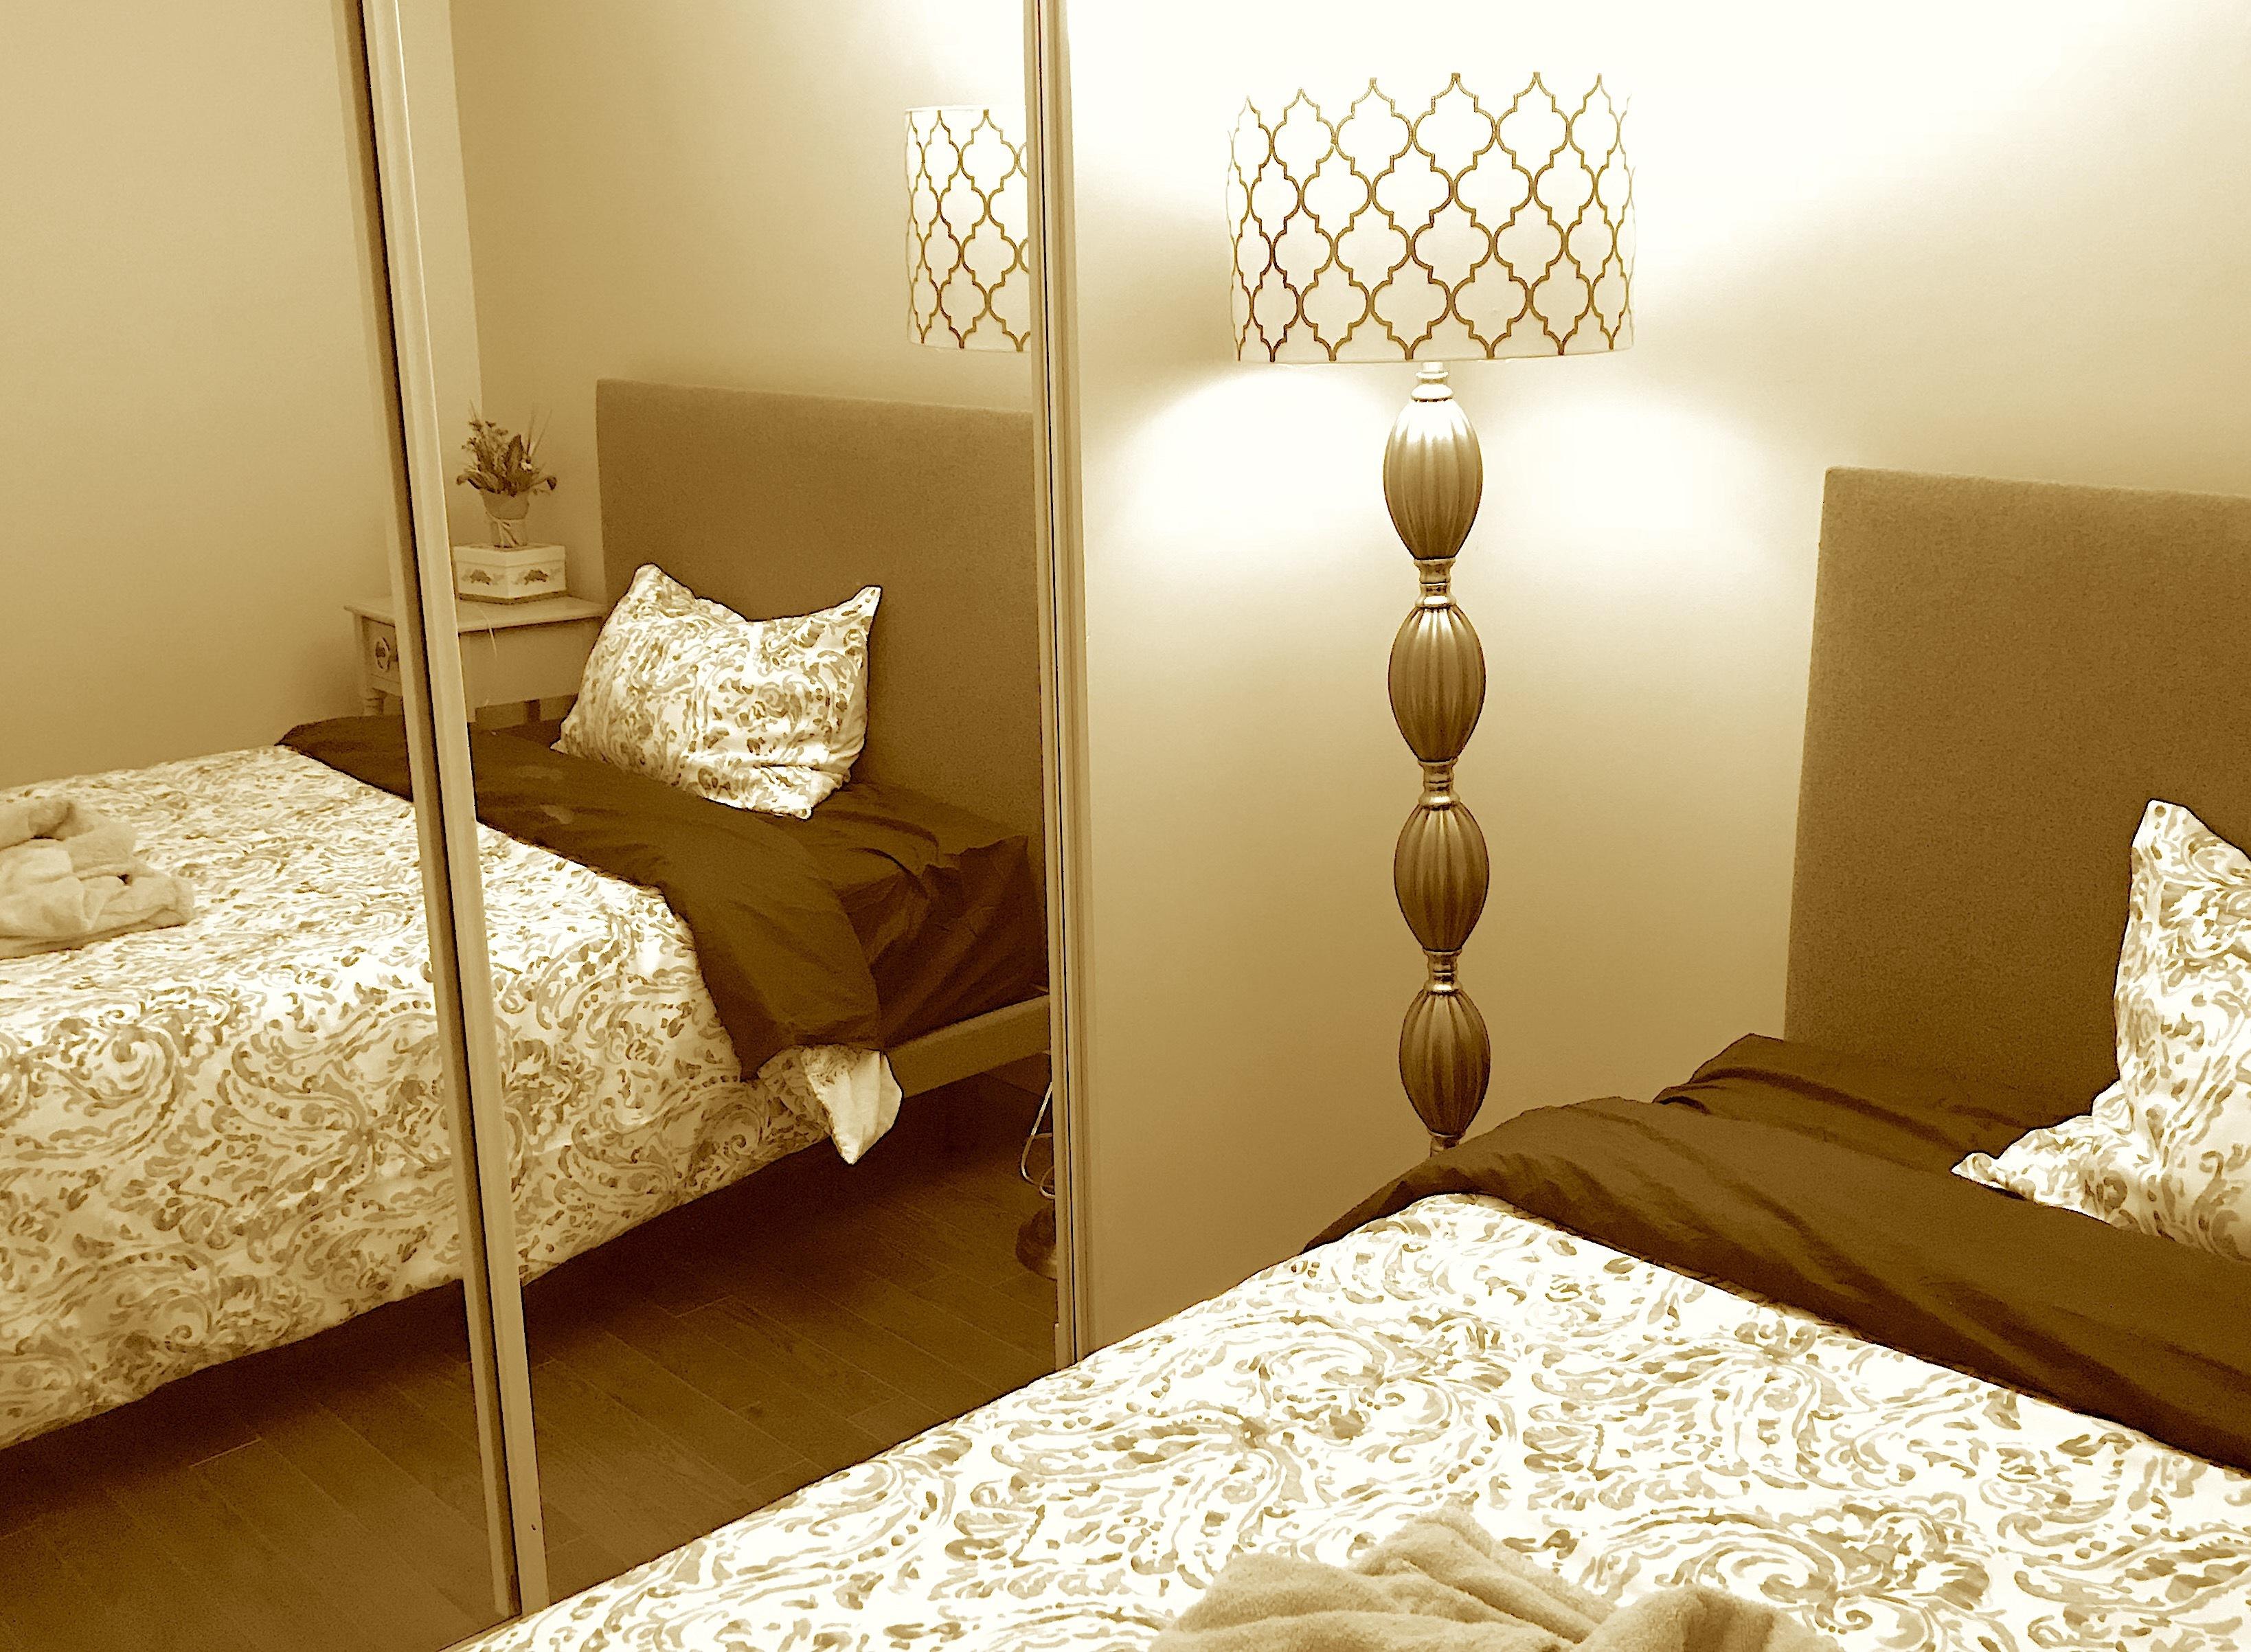 大きい窓と明るいライトのあるベッドルーム写真(セピア)。